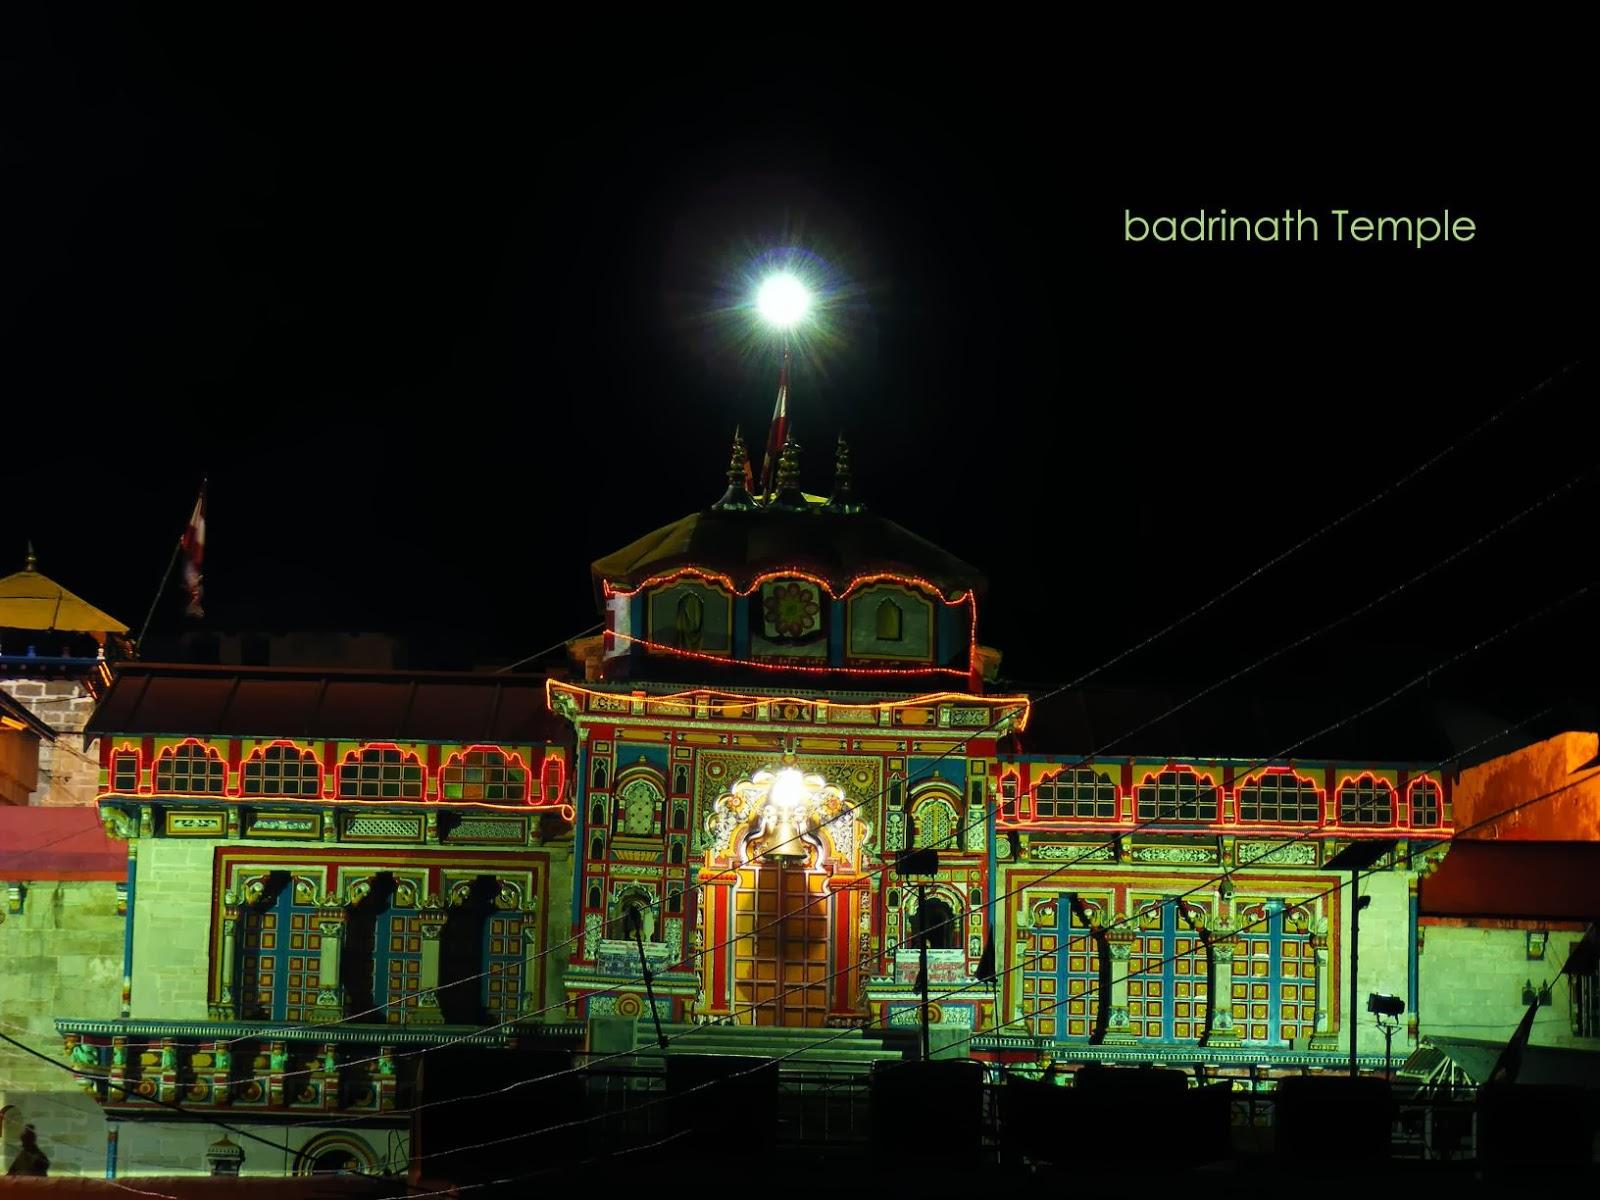 BadrinathTemple_DevBhumiUttranchal